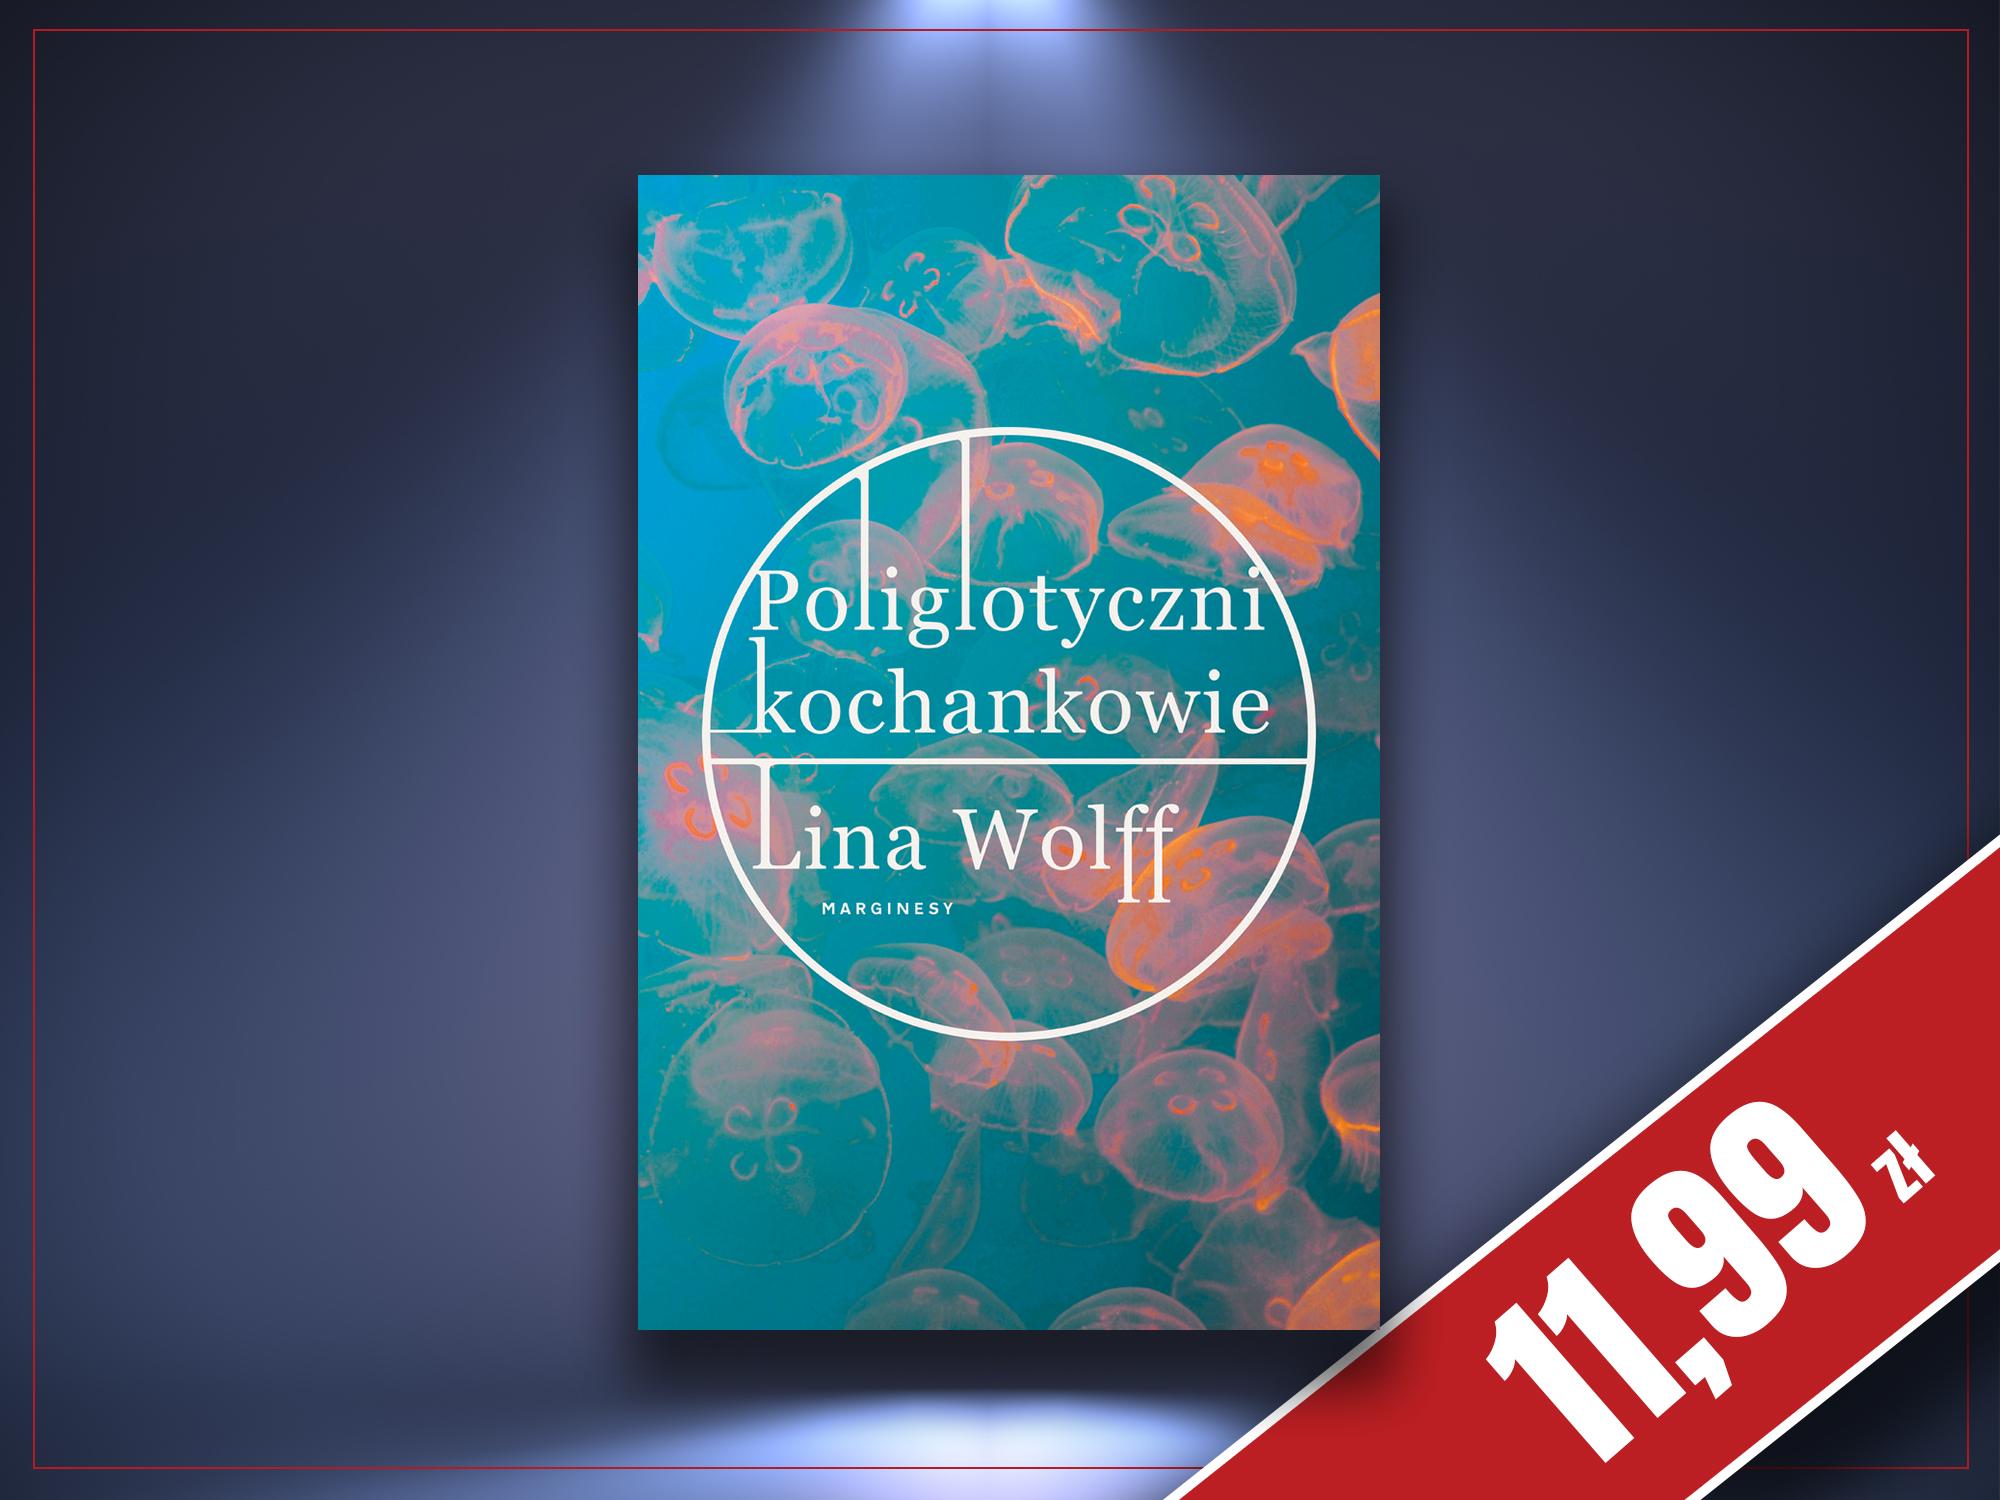 Poliglotyczni kochankowie, Lina Wolff